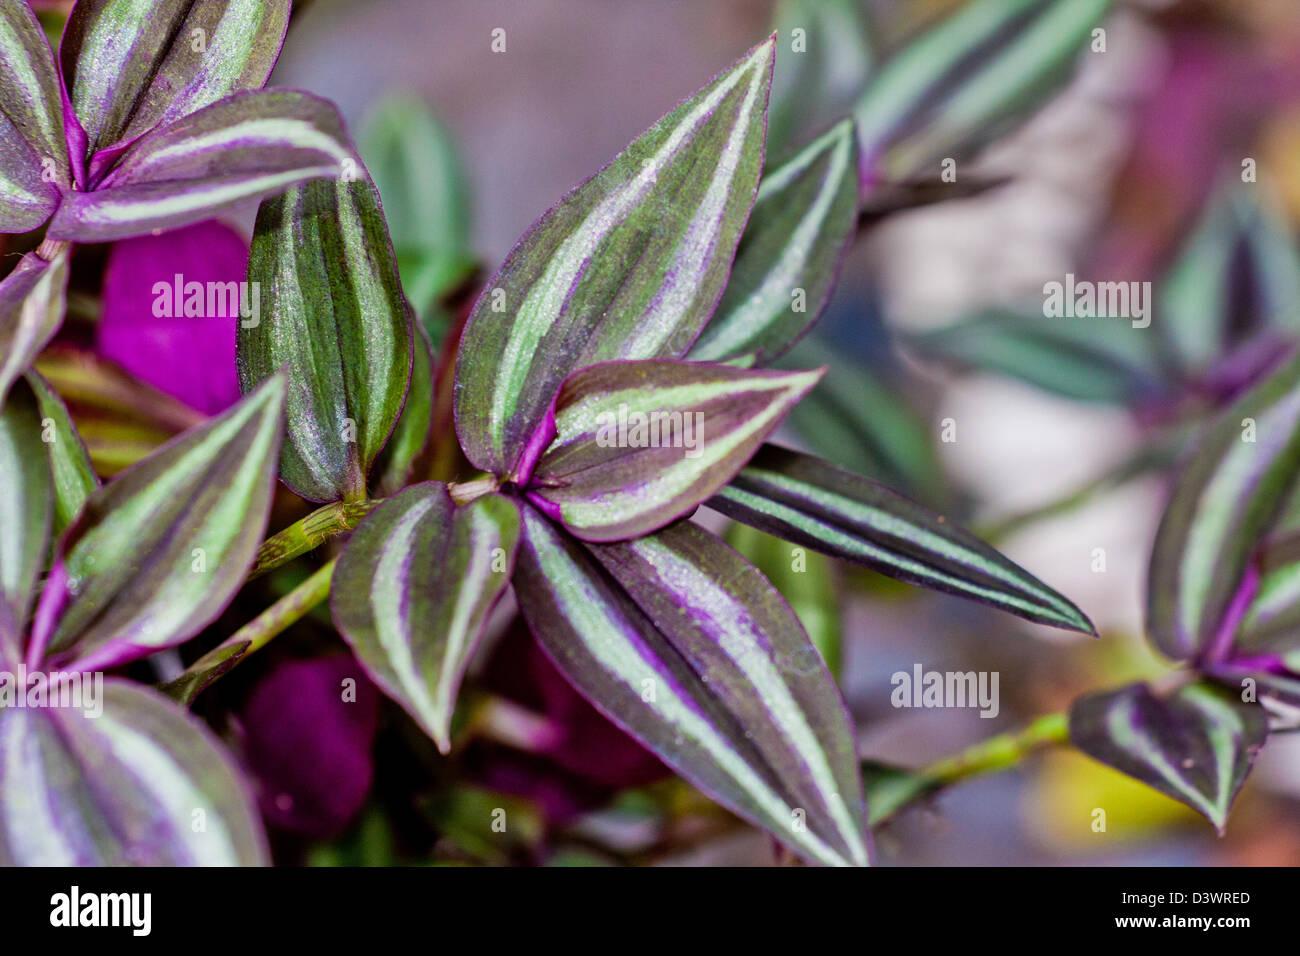 Pflanze Lila Blätter : ewige jude pflanze tradescantia zebrina gr n lila und silber bl tter stockfoto bild ~ Eleganceandgraceweddings.com Haus und Dekorationen